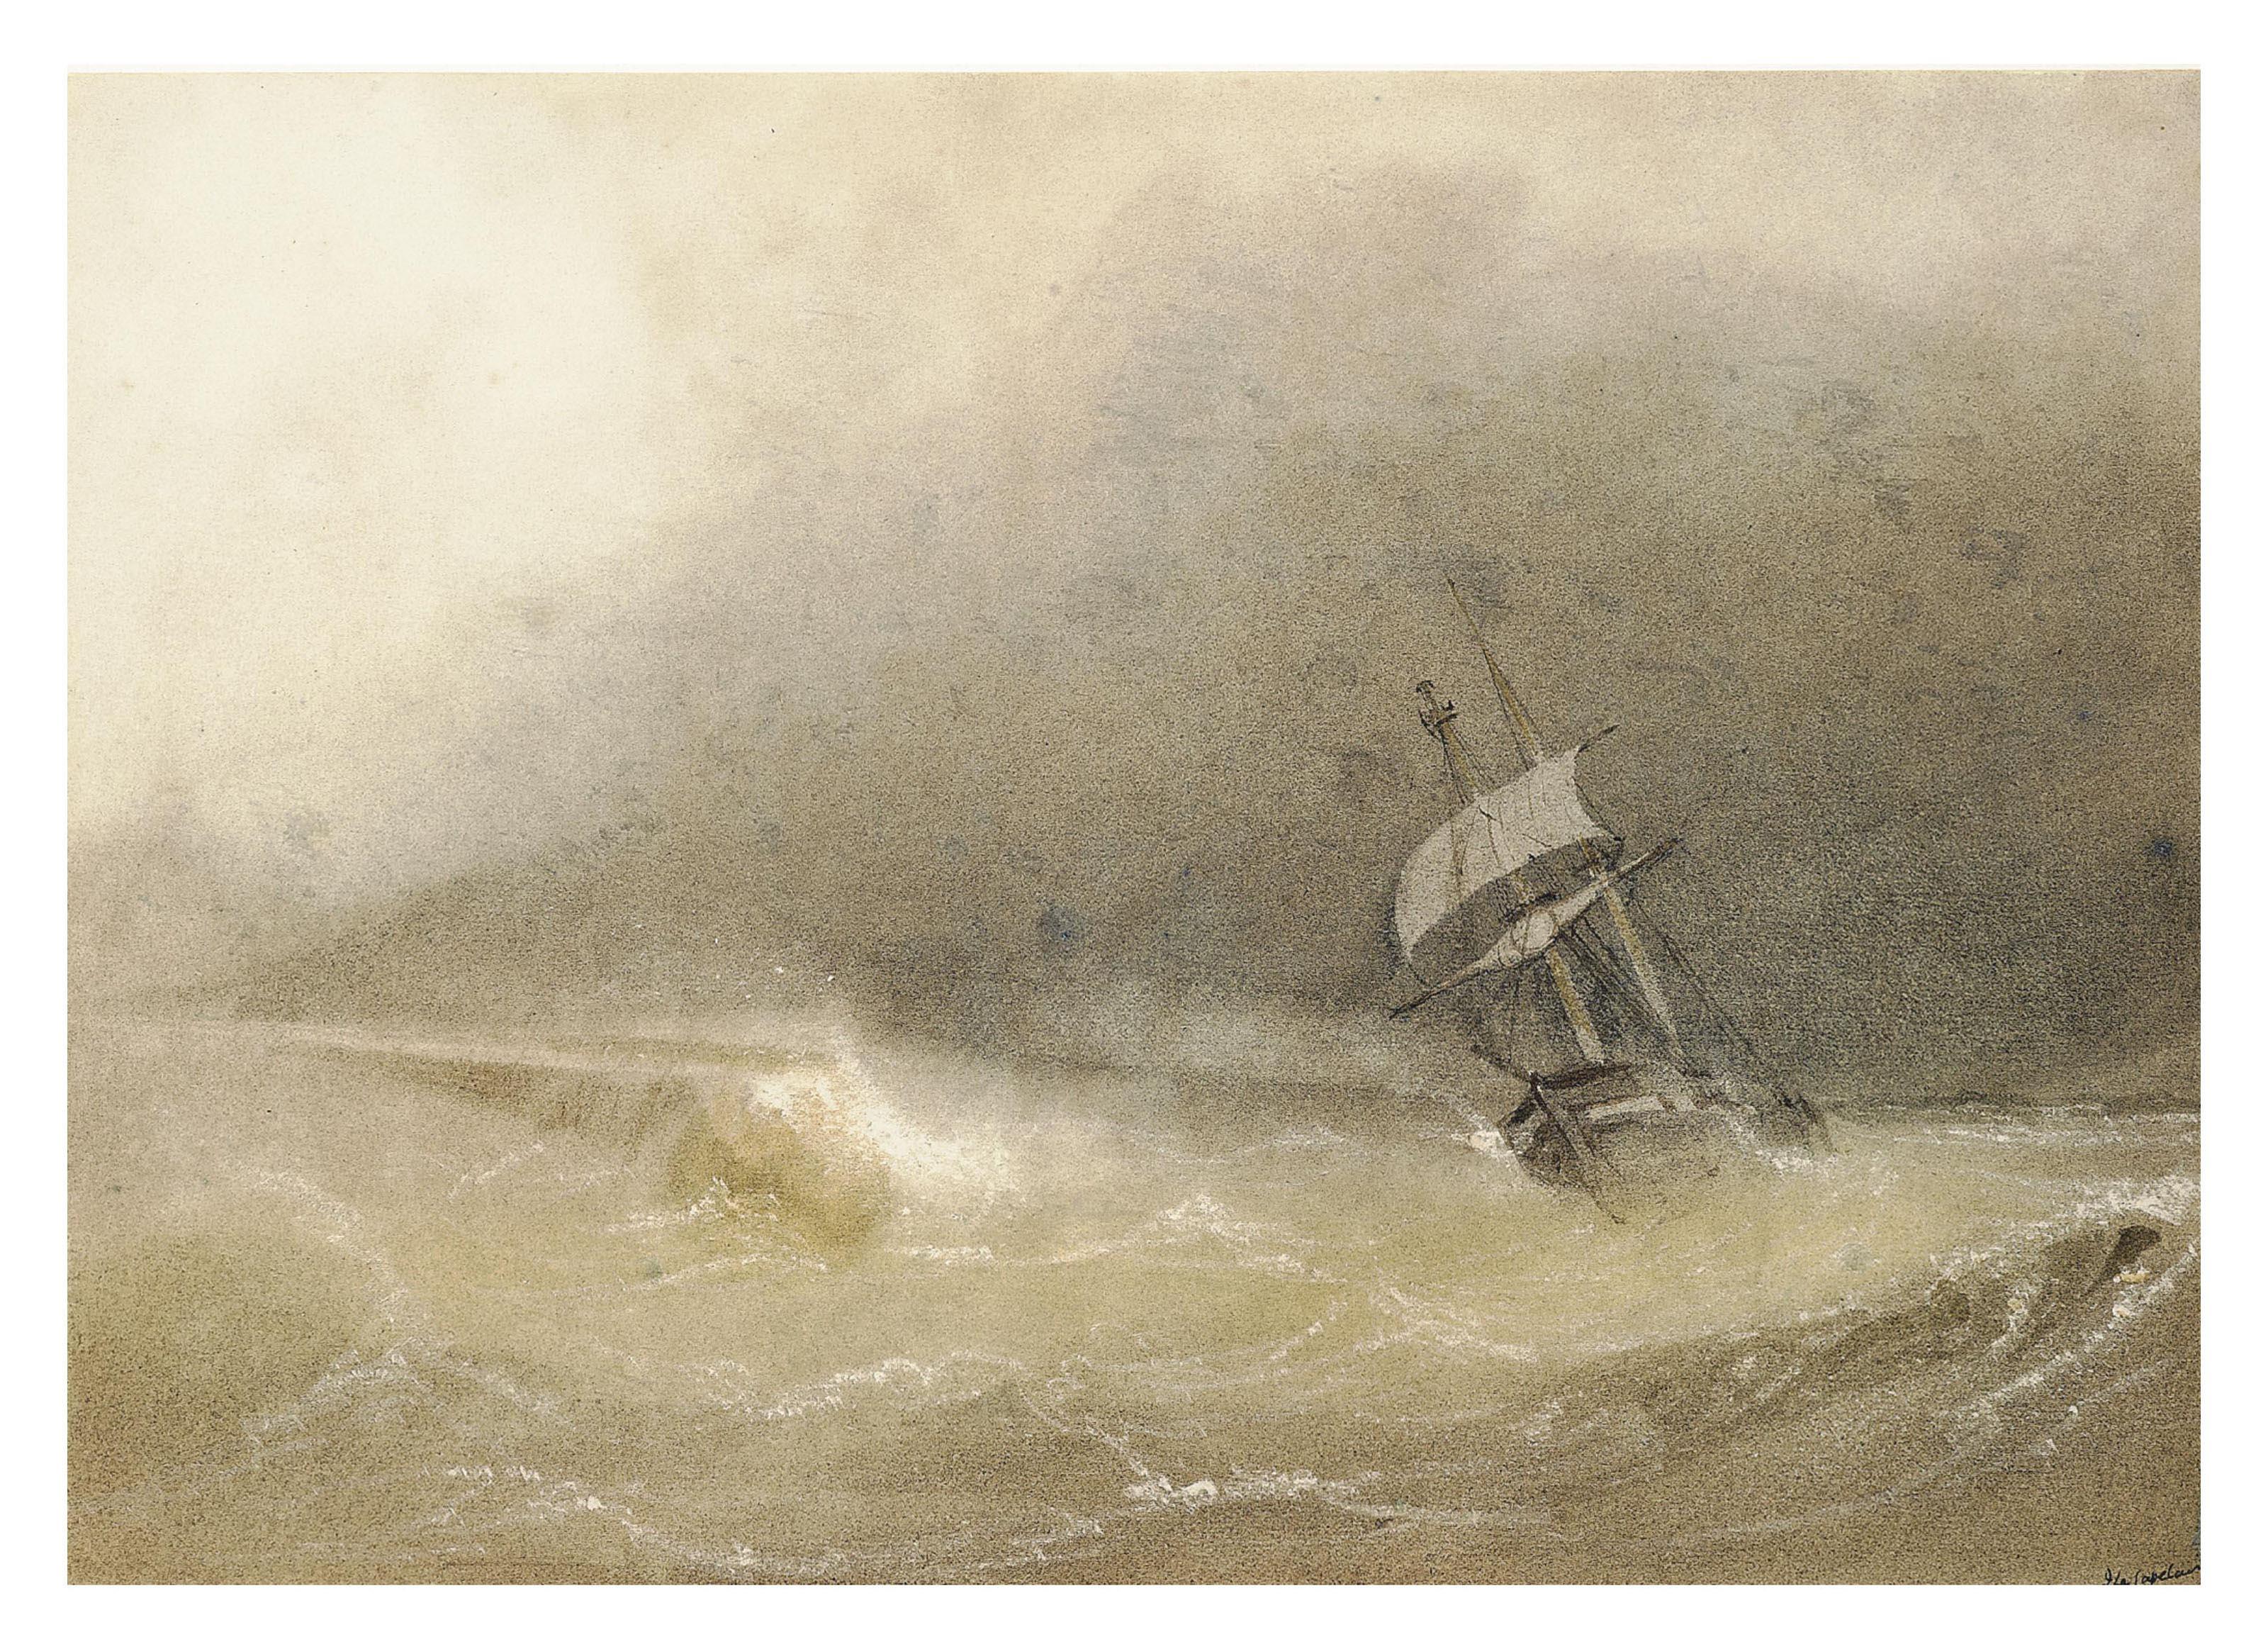 A brig reefed-down in heavy seas